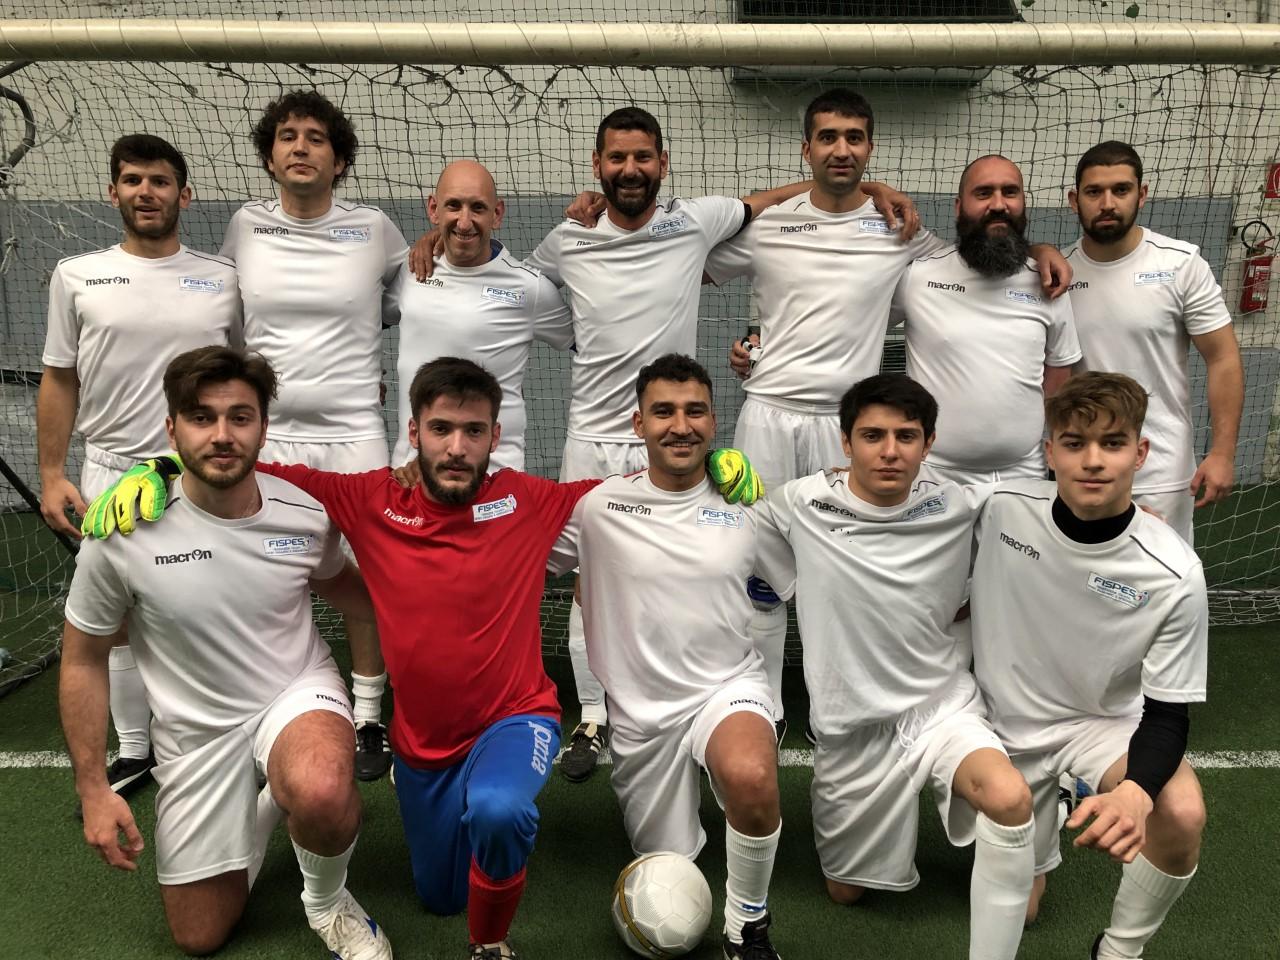 Calendario Partite Barcellona.L Italia Del Calcio A 7 Al Torneo Di Barcellona Fispes